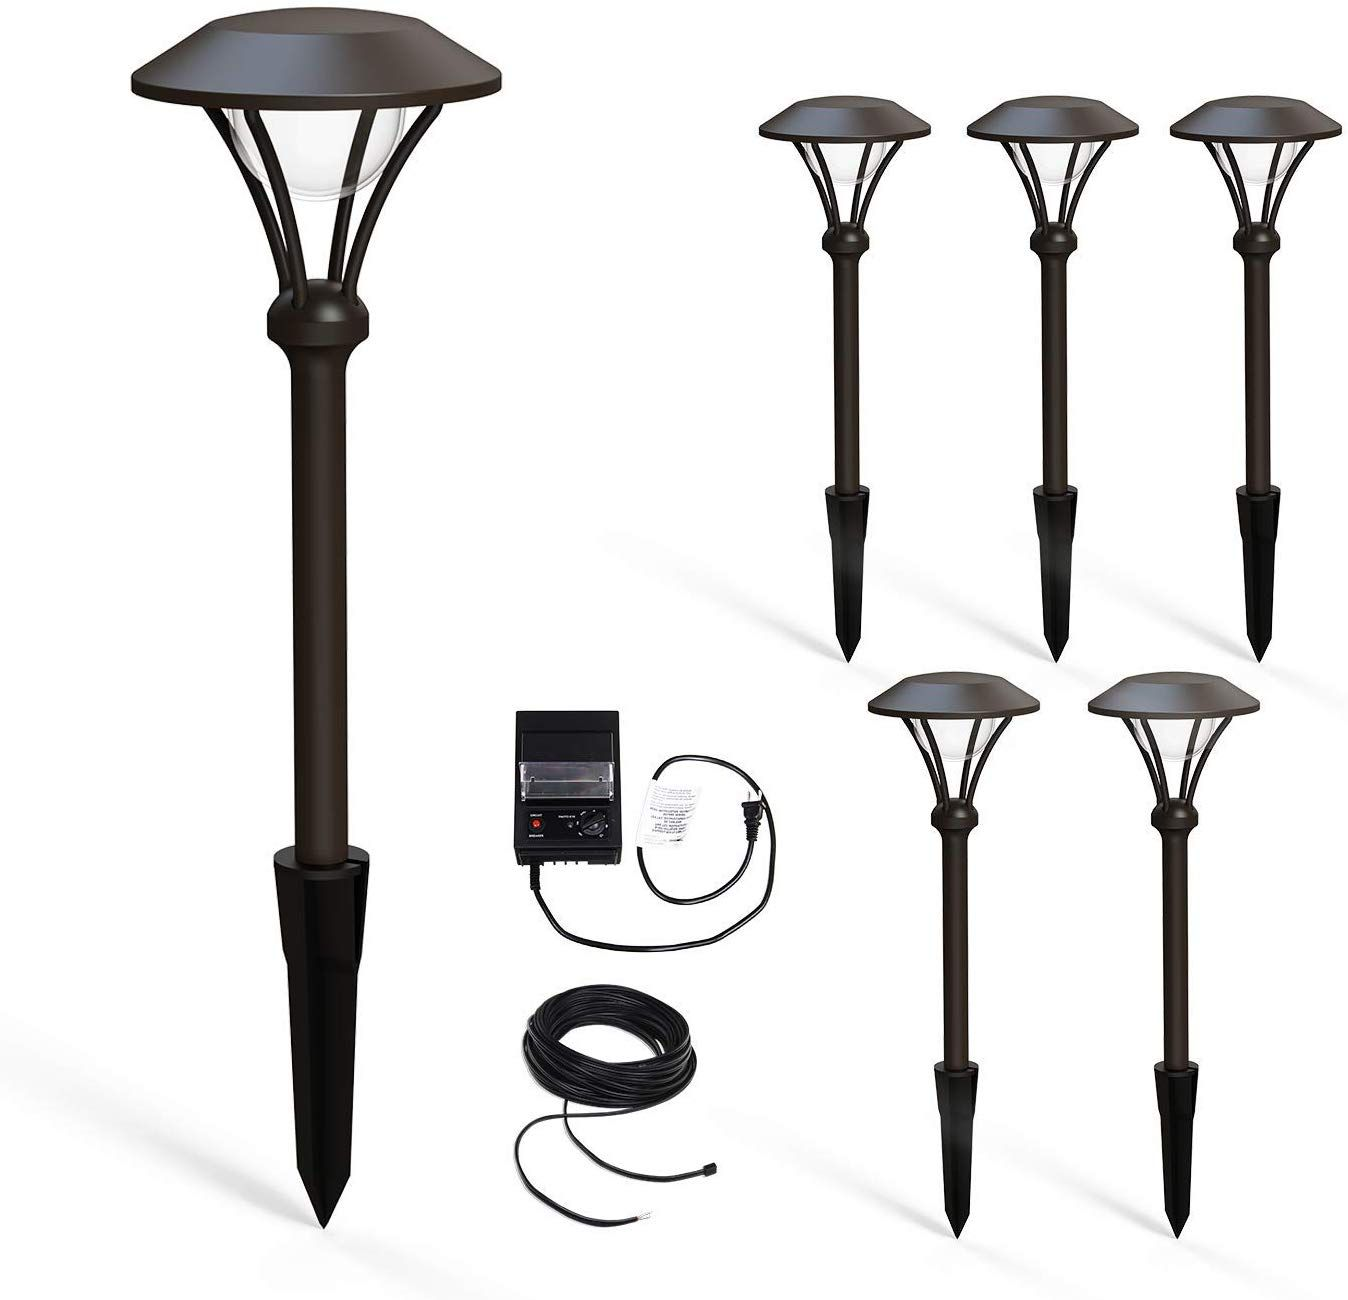 Malibu Celestial 6 Pack Led Pathway Lights Led Low Voltage Landscape Lighting Garden Light For Outdoor Landscape Lighting Landscape Lighting Pathway Lighting